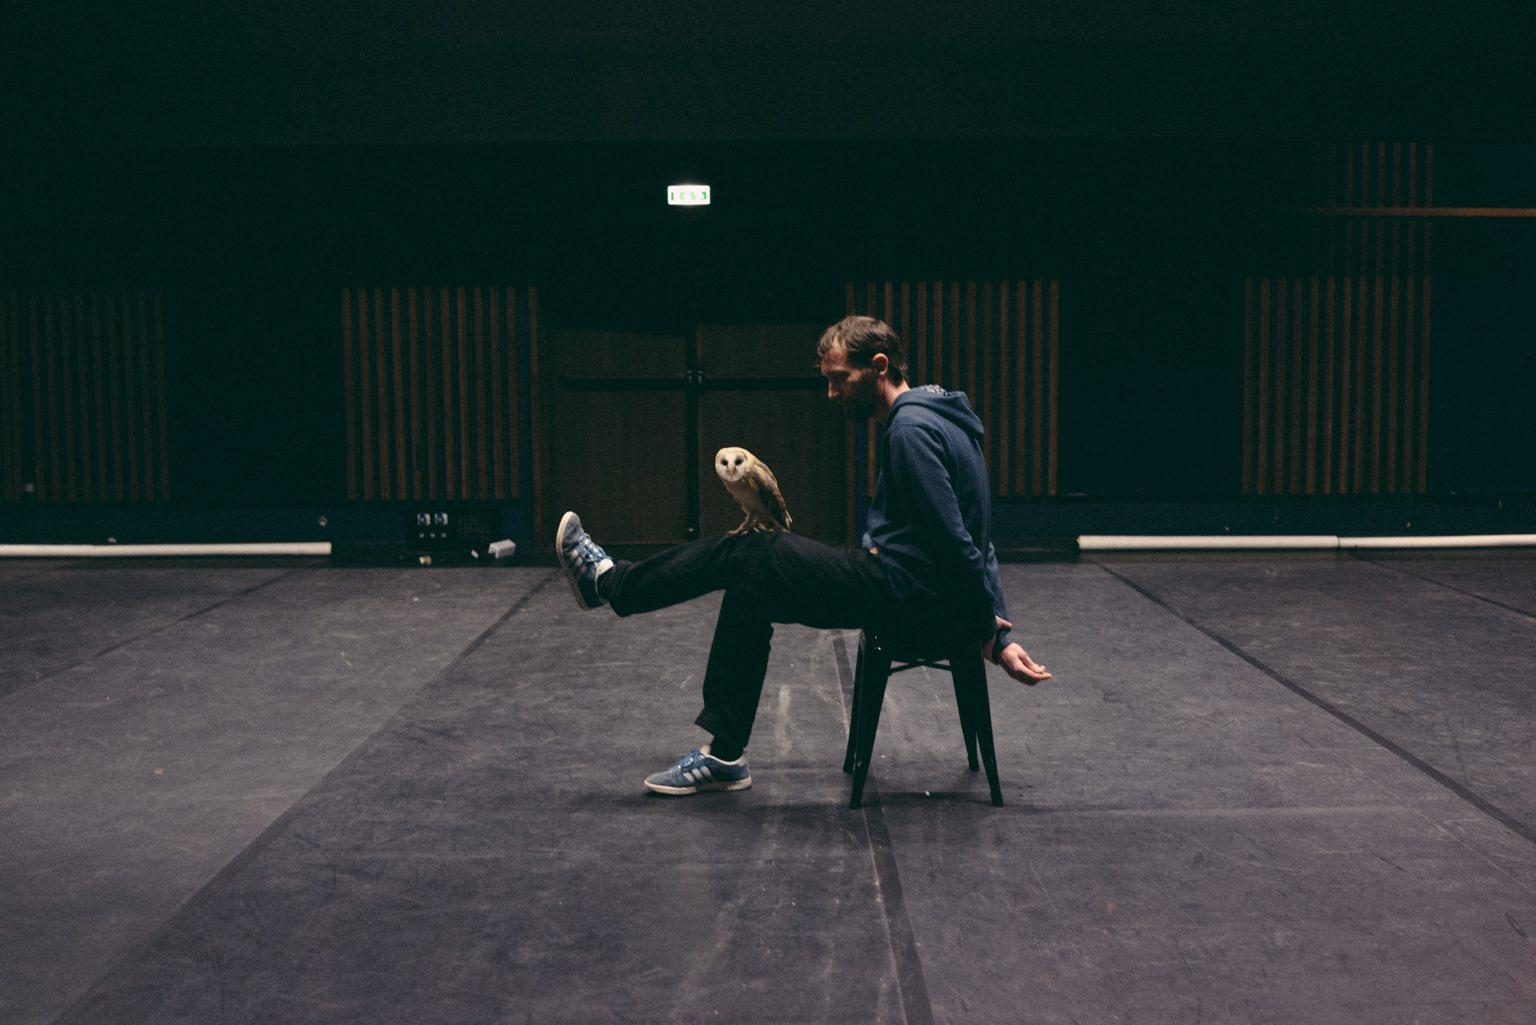 """Paris, France, January 2017 - Tristan Plot and the barn owl Boubo, during the rehearsals of the show """"La rive dans le noir"""" by Pascal Quignard and Marie Vialle, at 104 in Paris. and the barn owl Boubo, during the rehearsals of the show """"La rive dans le noir"""" by Pascal Quignard and Marie Vialle, at 104 in Paris. ><  Parigi, Francia, gennaio 2017 - Tristan Plot e il barbagianni Boubo, durante le prove dello spettacolo """"La rive dans le noir"""" di Pascal Quignard e Marie Vialle, al centro culturale 104 di Parigi.*** SPECIAL   FEE   APPLIES *** *** Local Caption *** 01489321"""